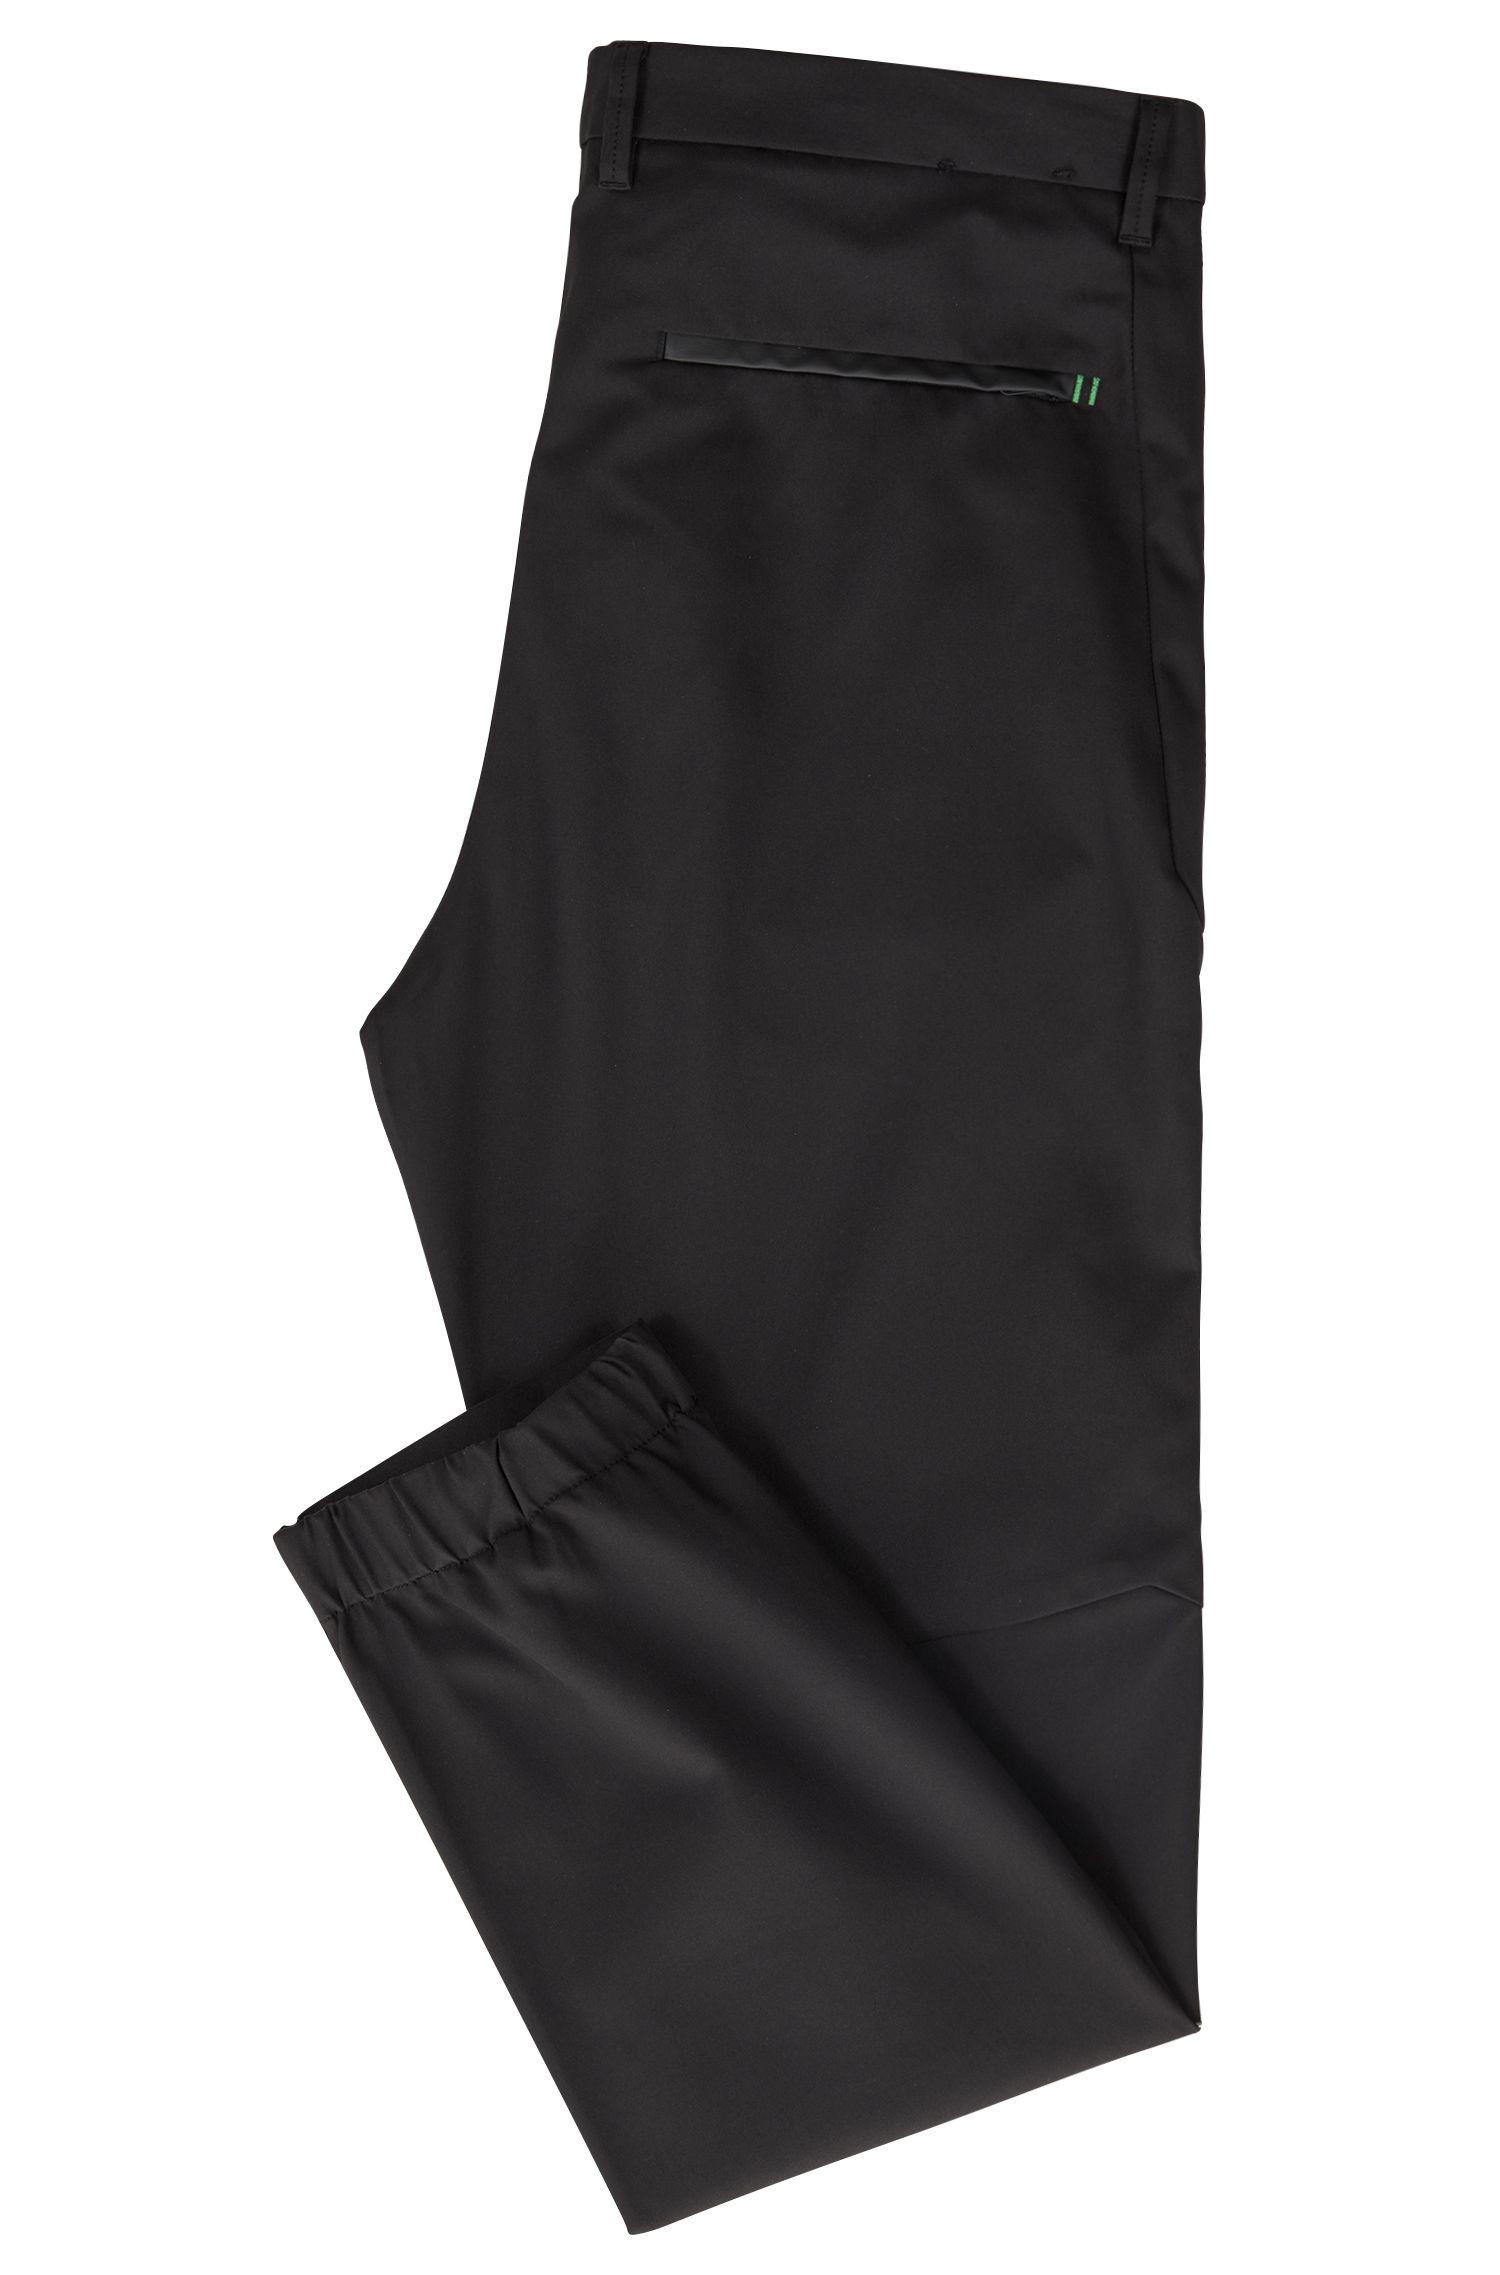 Pantaloni con fondo gamba elastico in twill elasticizzato in quattro direzioni idrorepellente